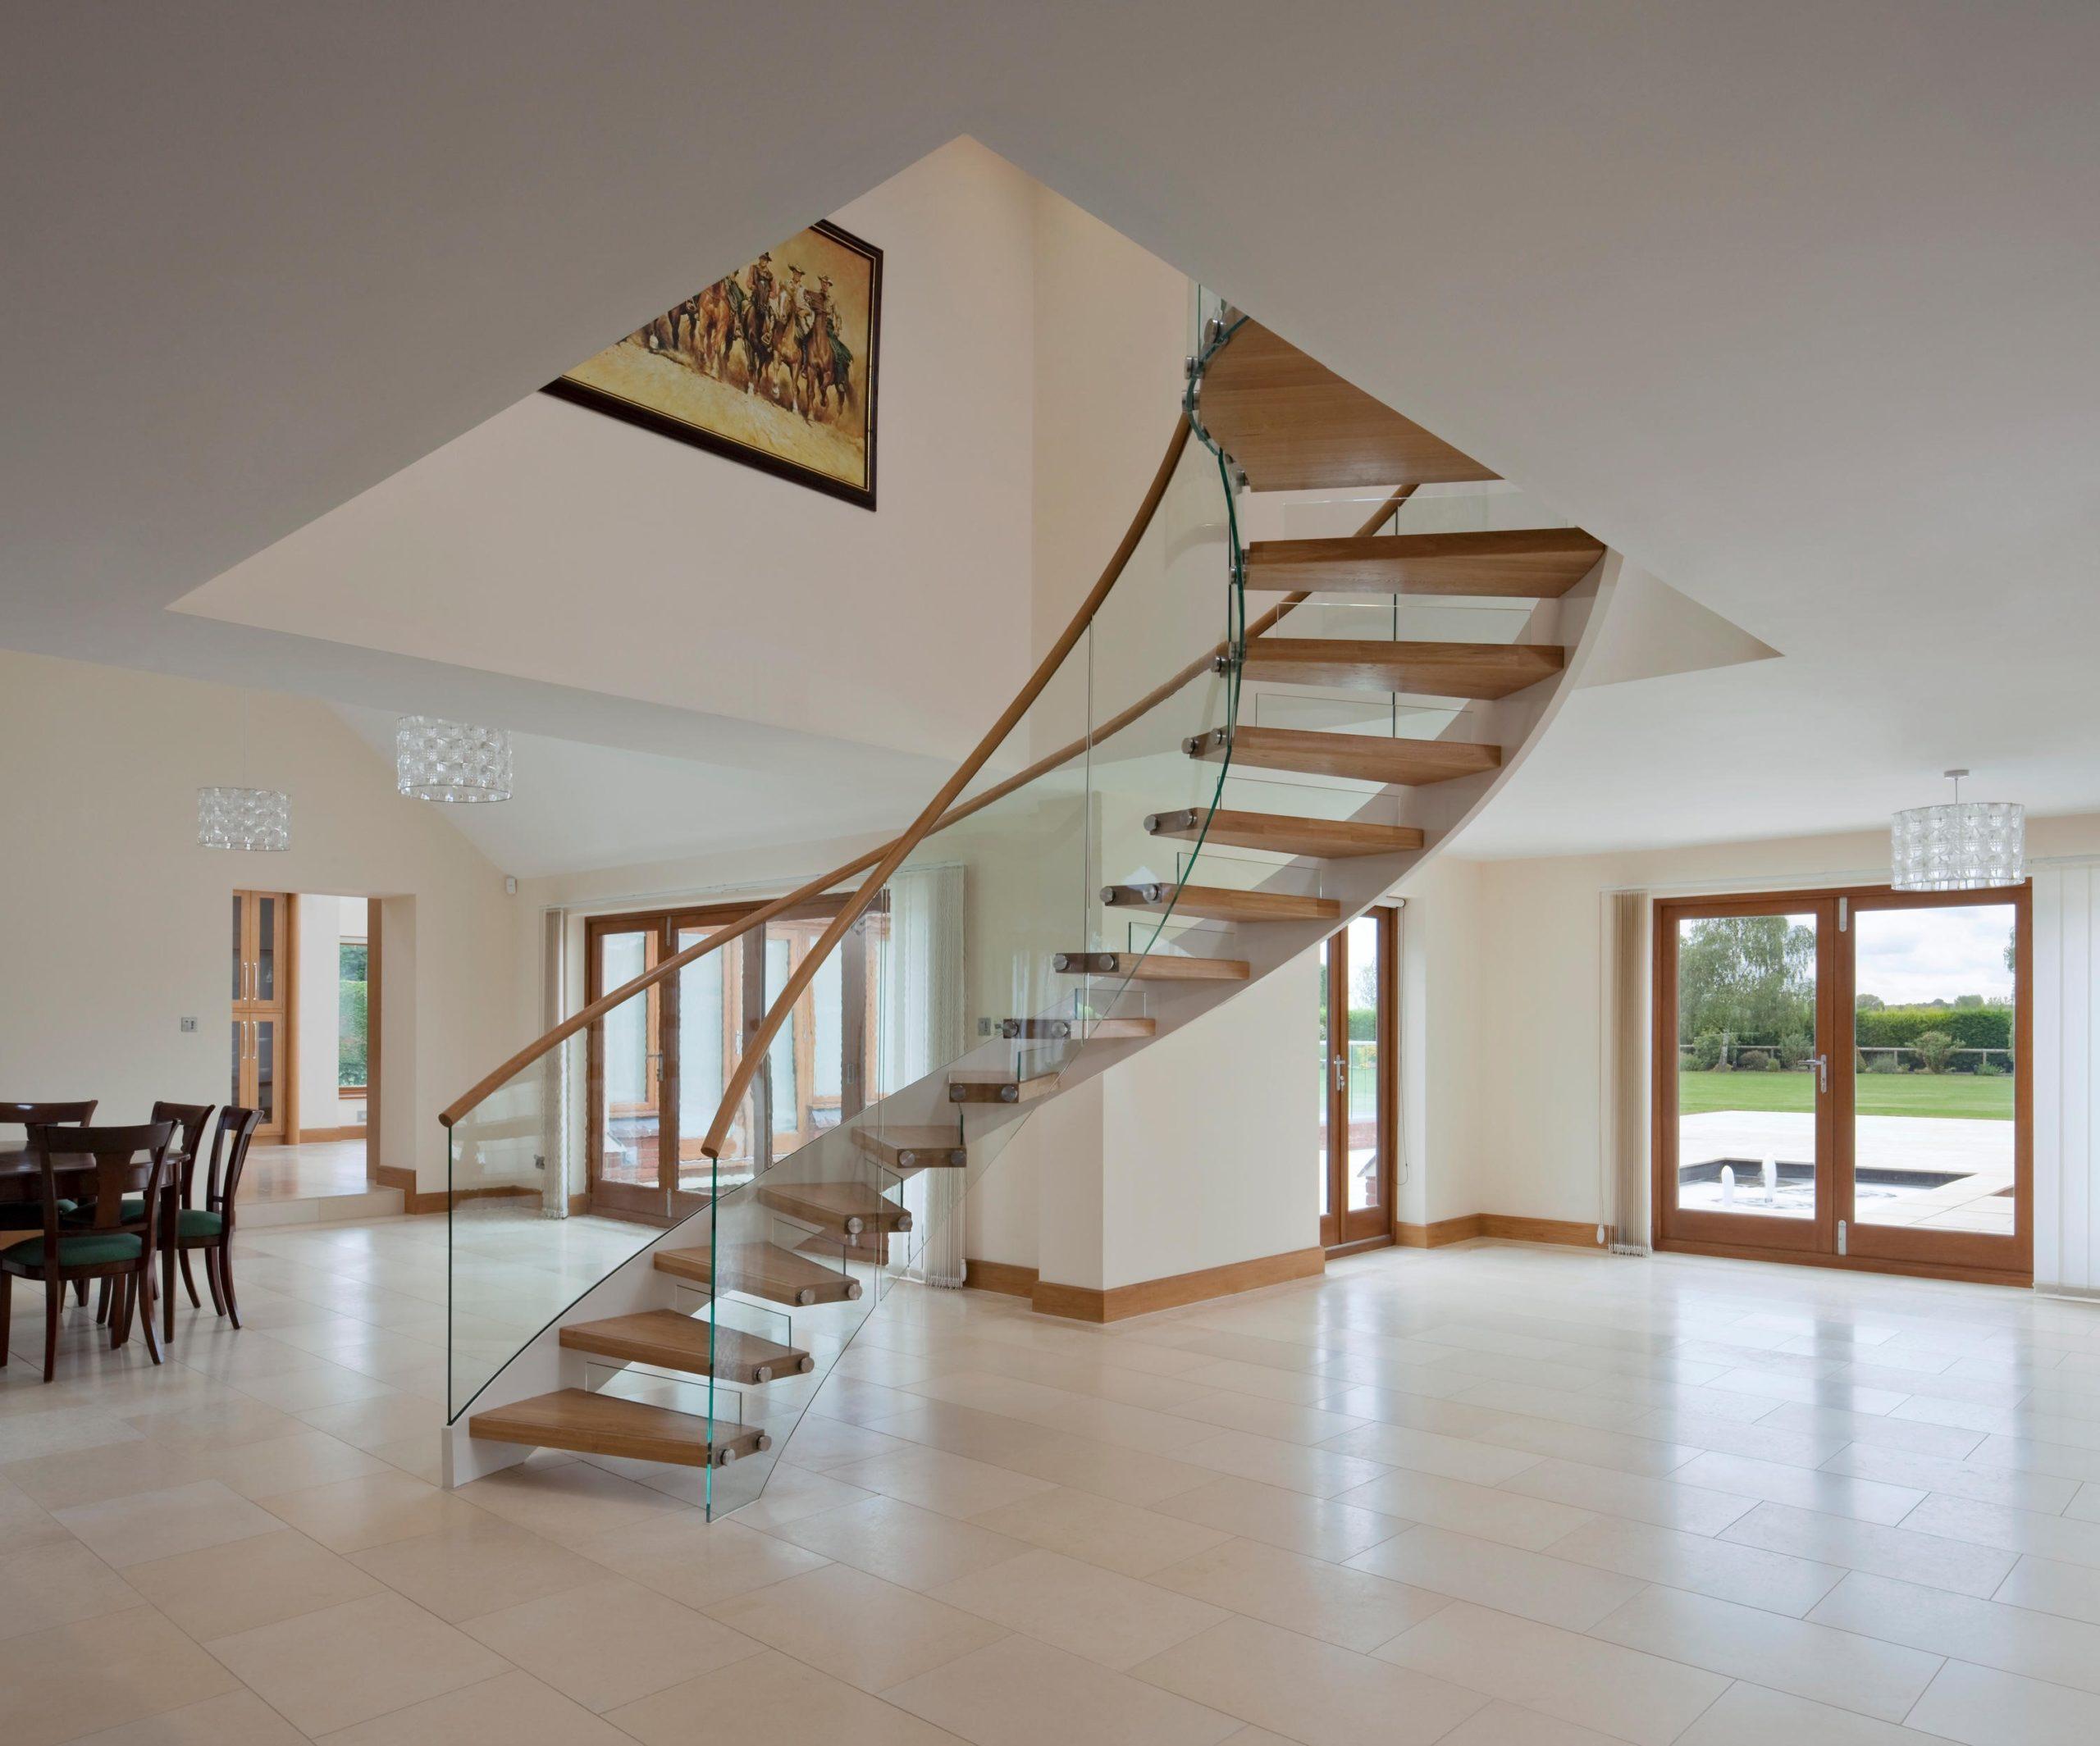 Escalier en bois élégant avec balustrades en verre.